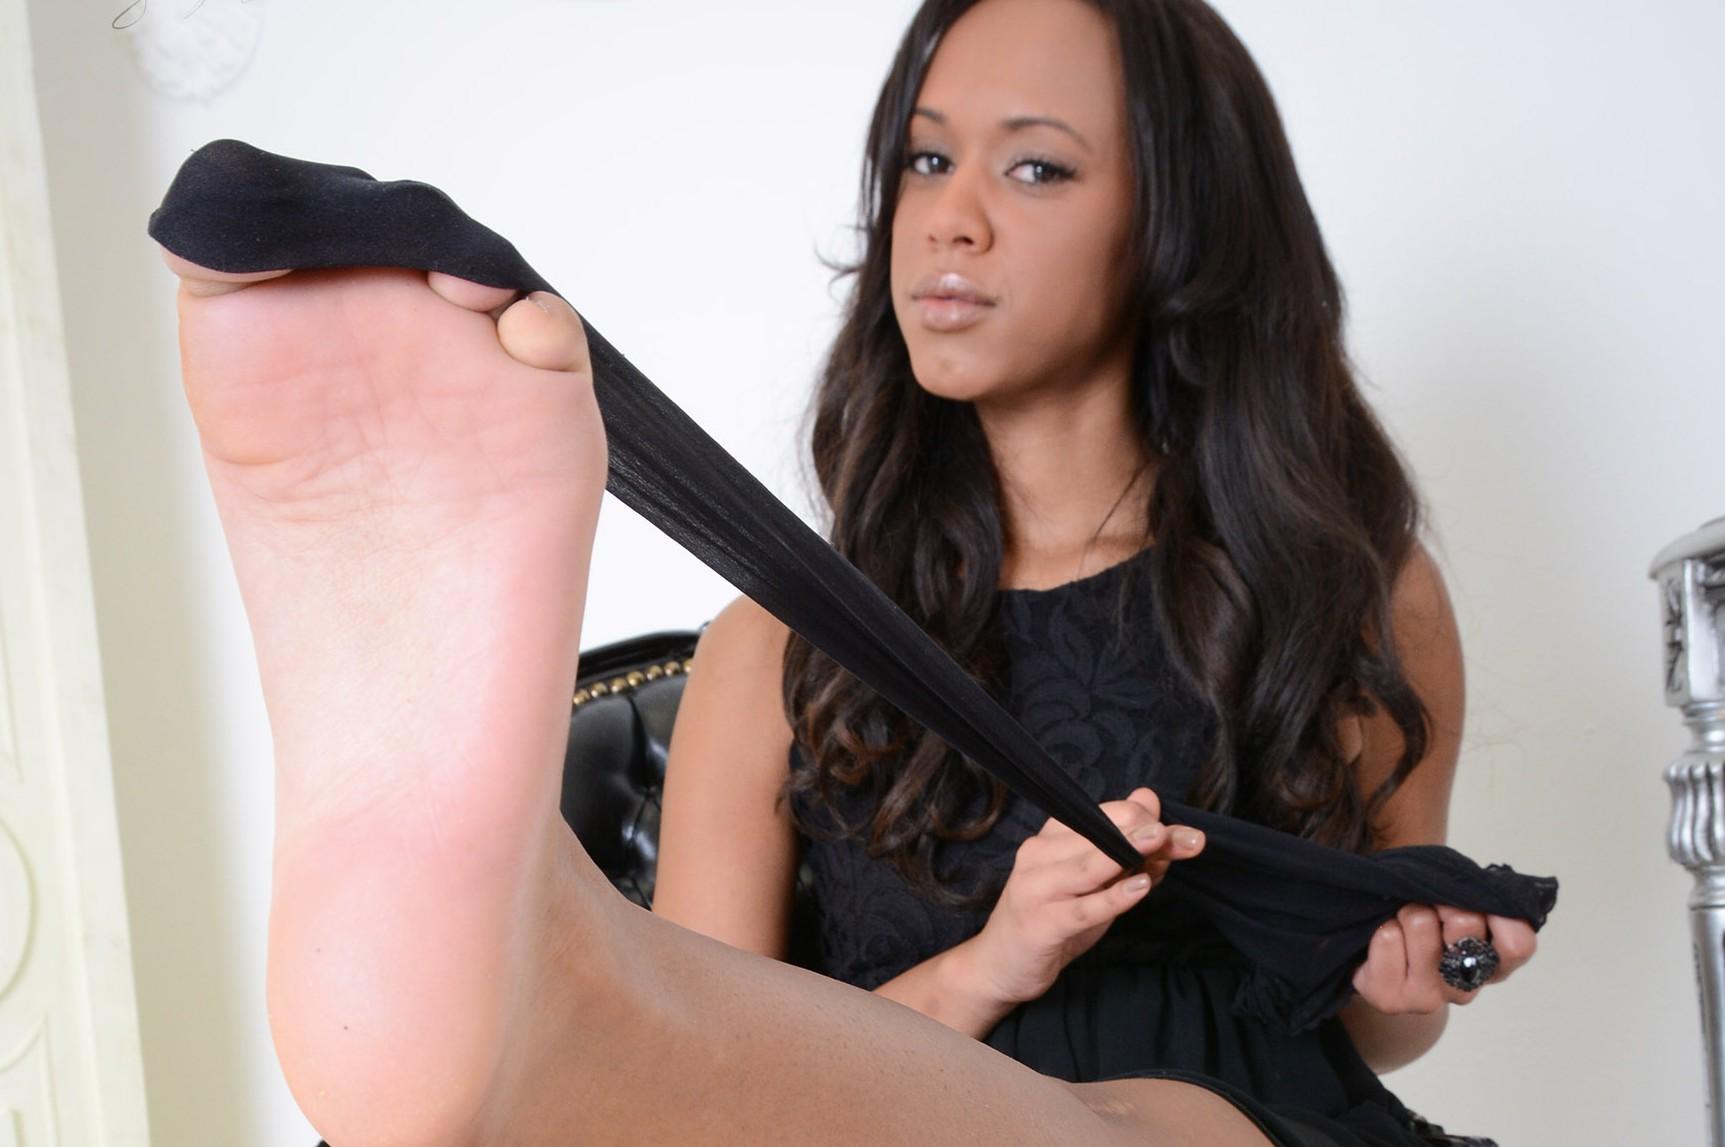 Schöne Beine und zarte Füße